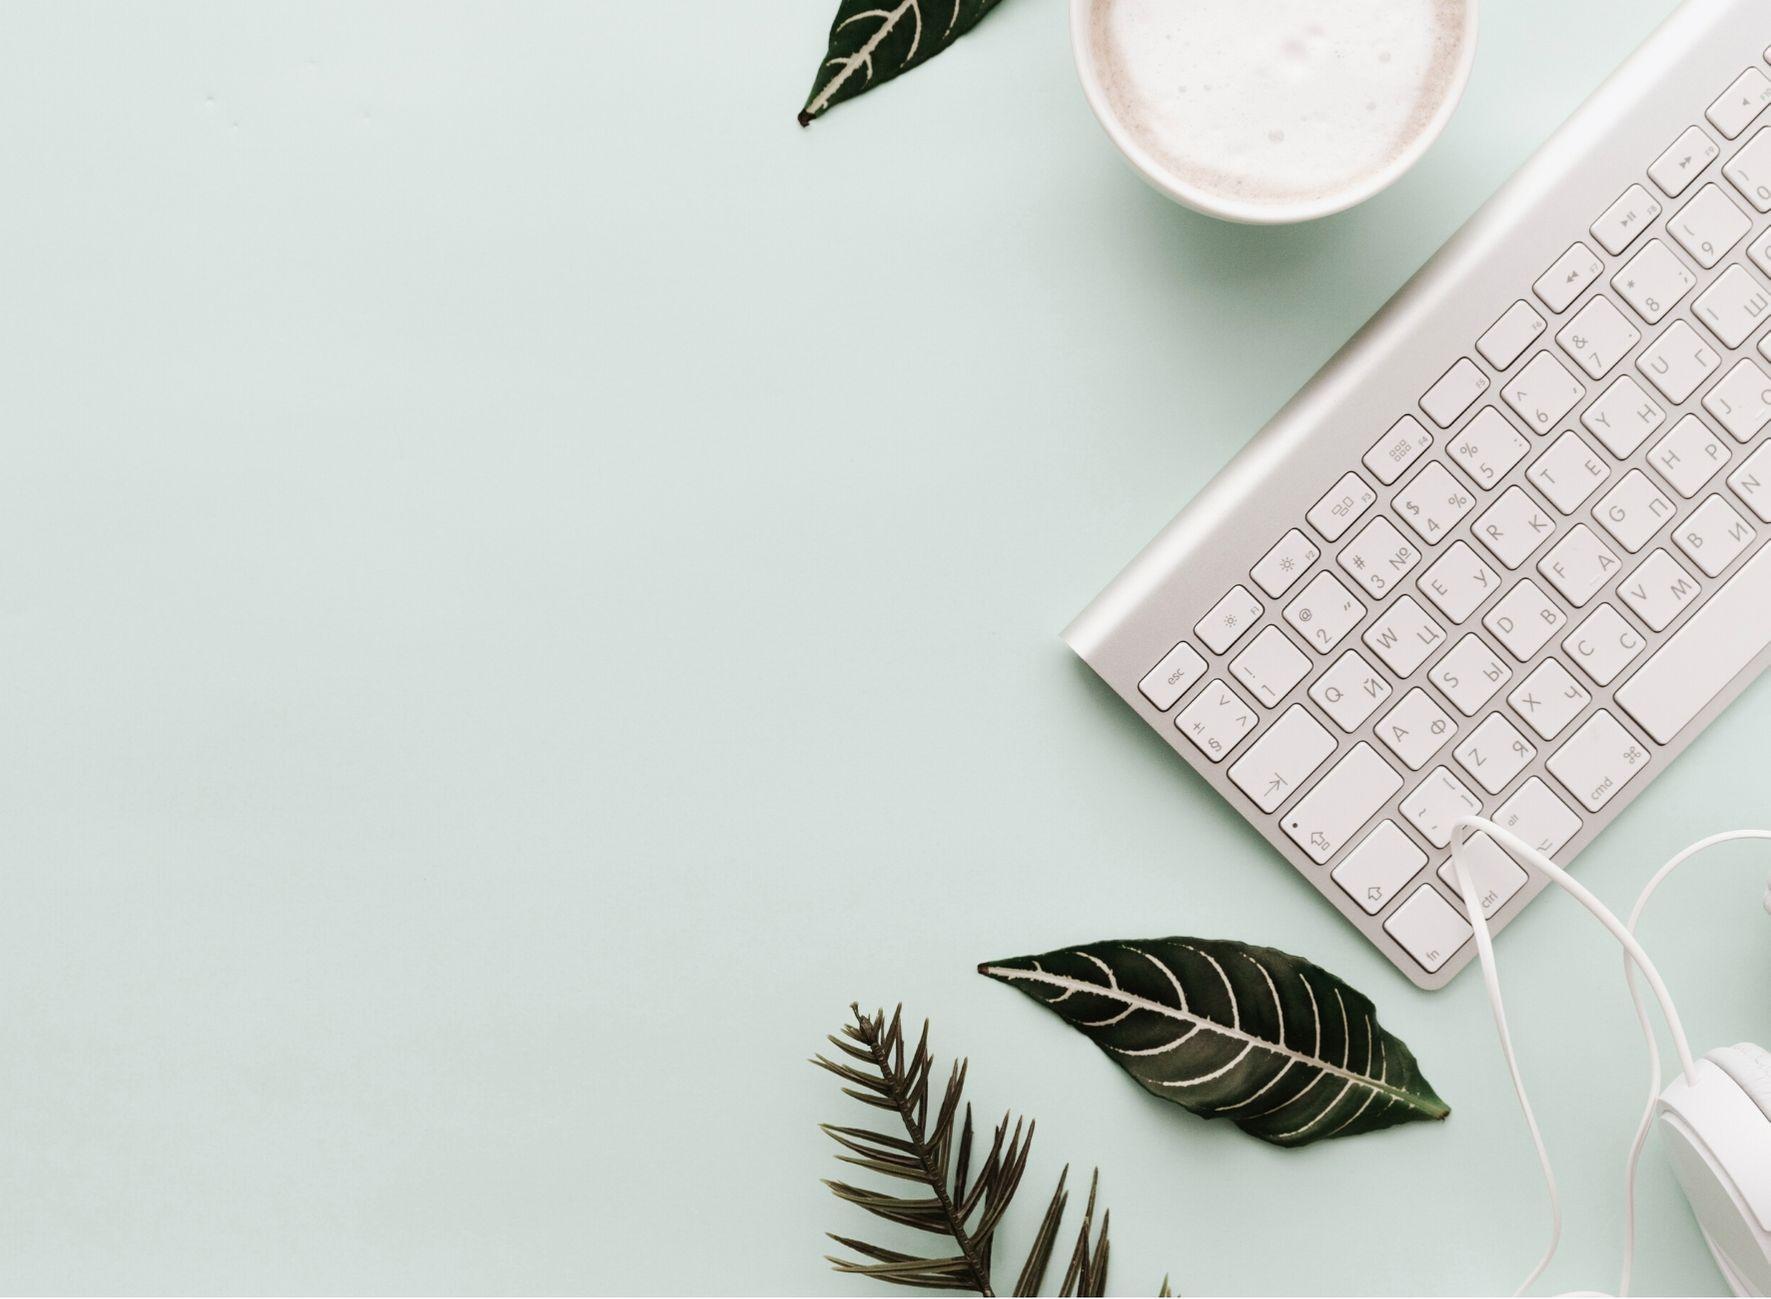 comment faire connaître son entreprise avec Pinterest